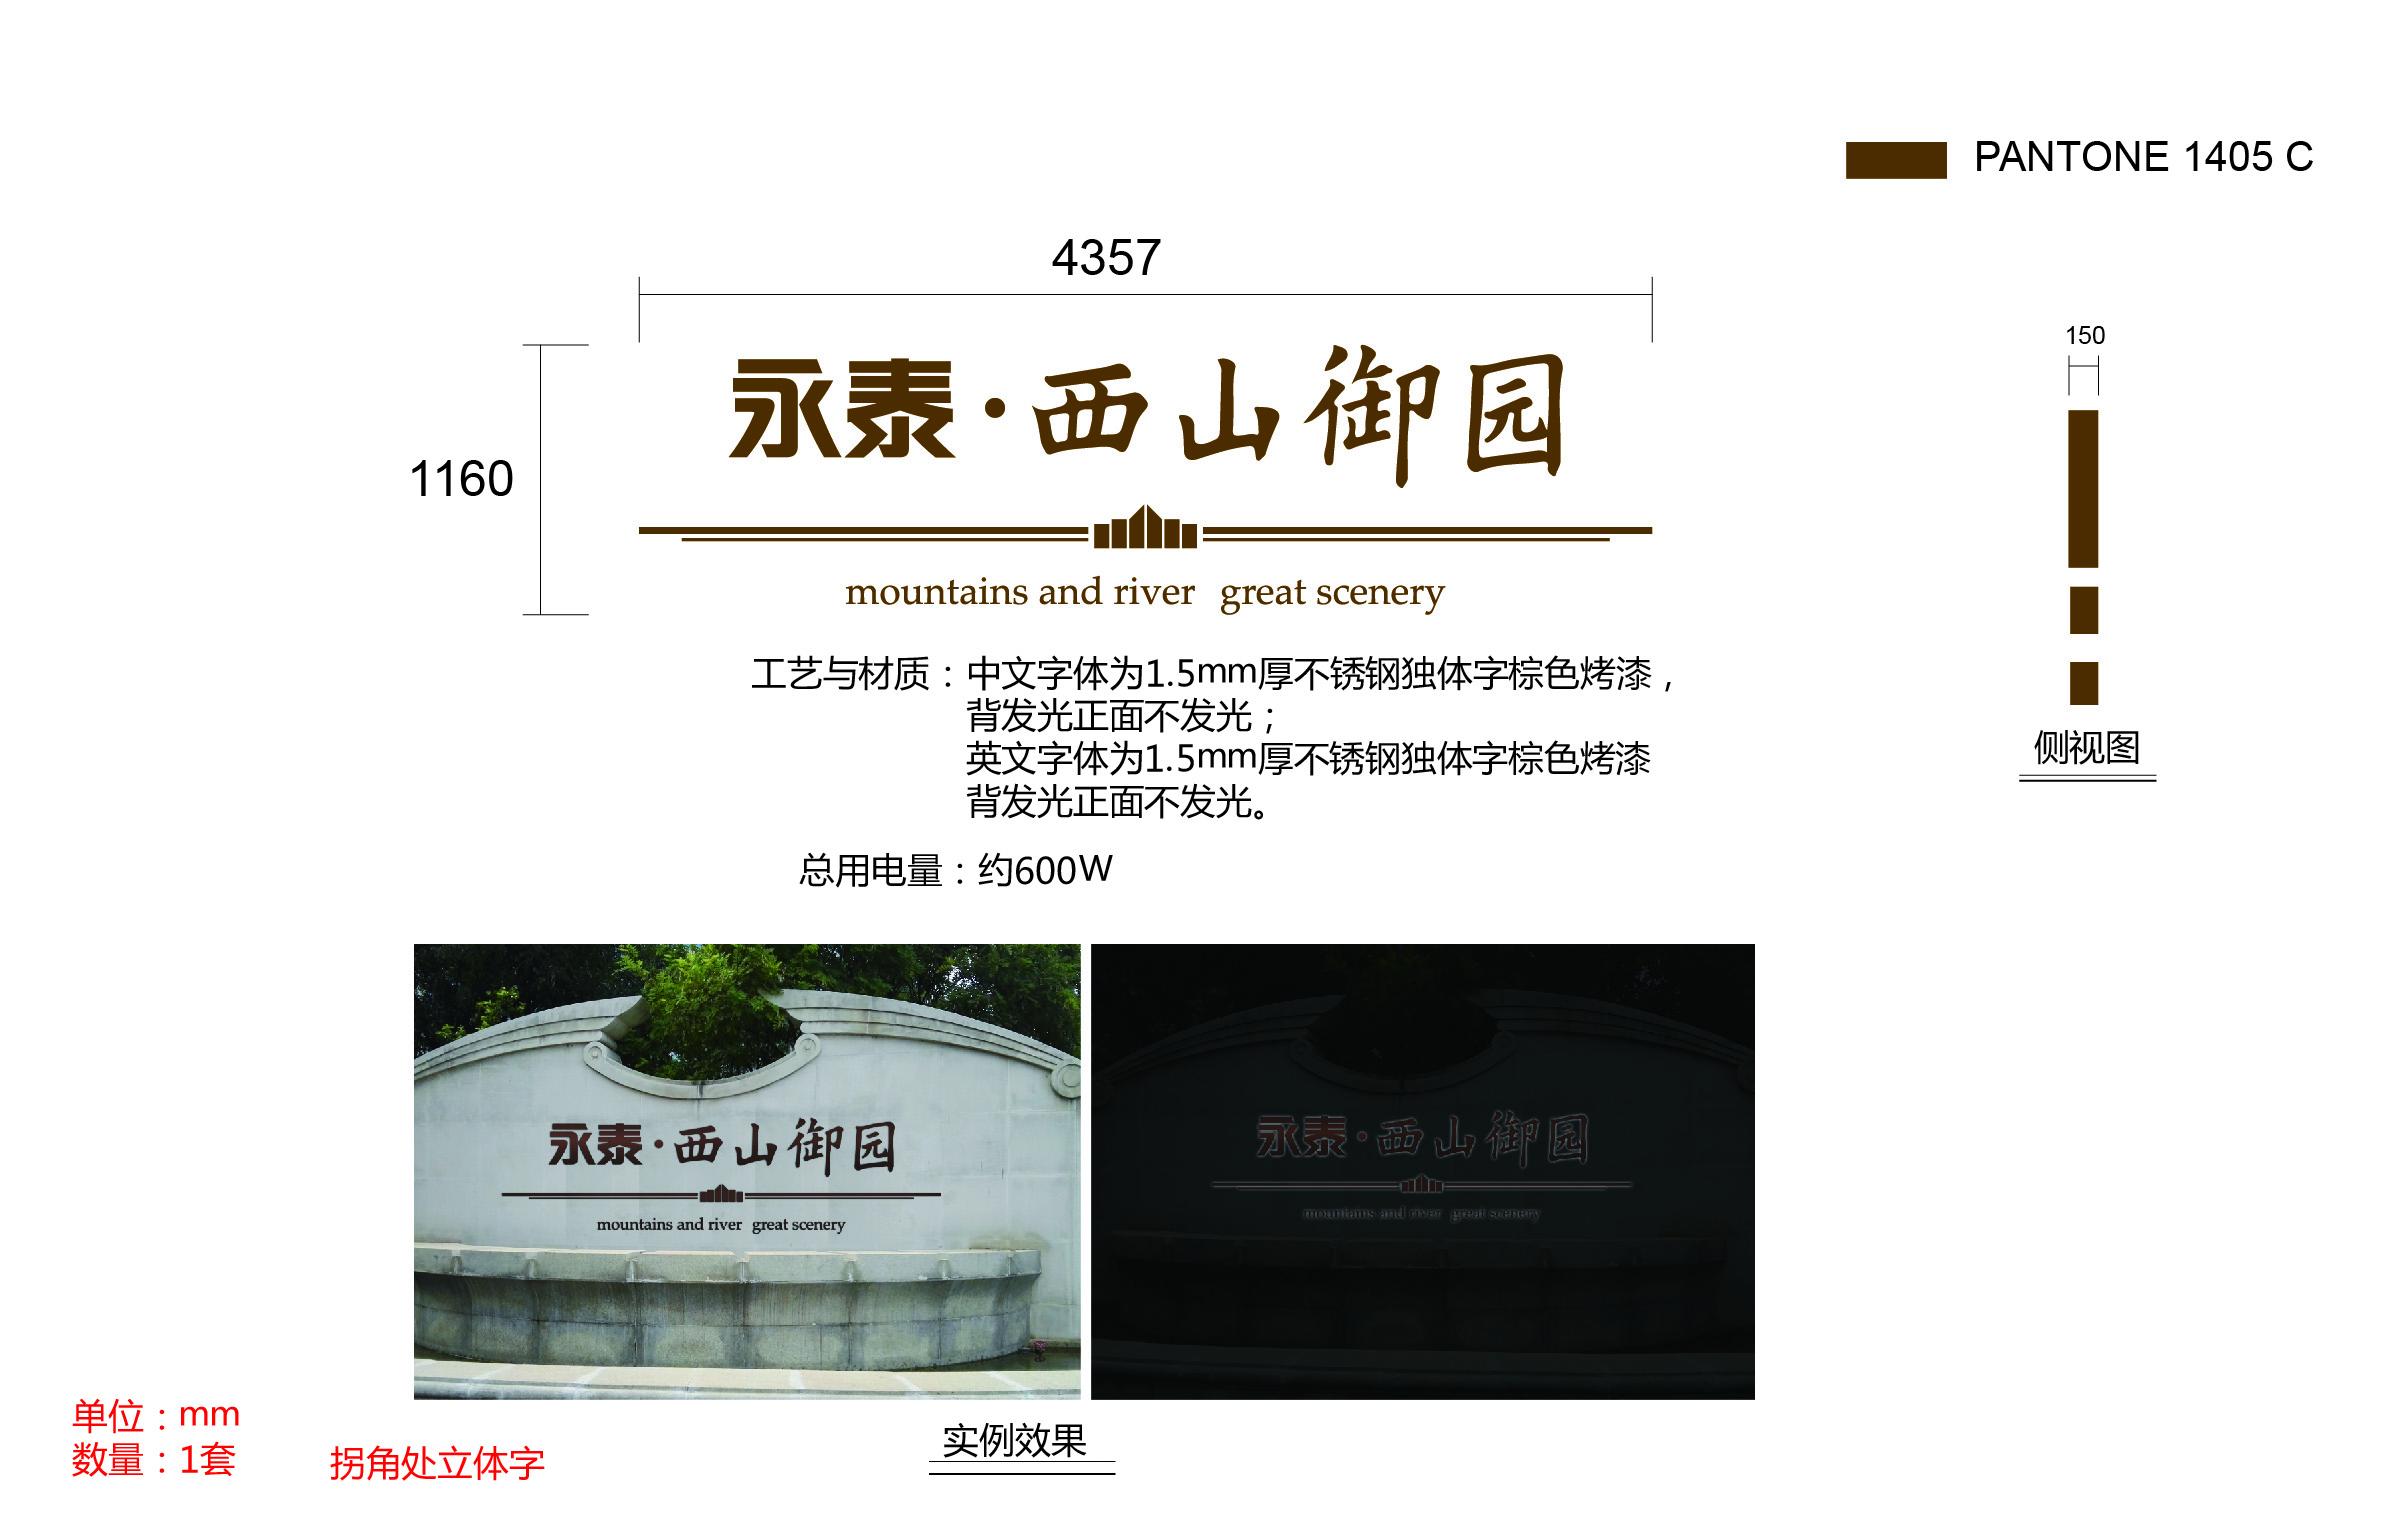 0829永泰西山御园logo20160919-05